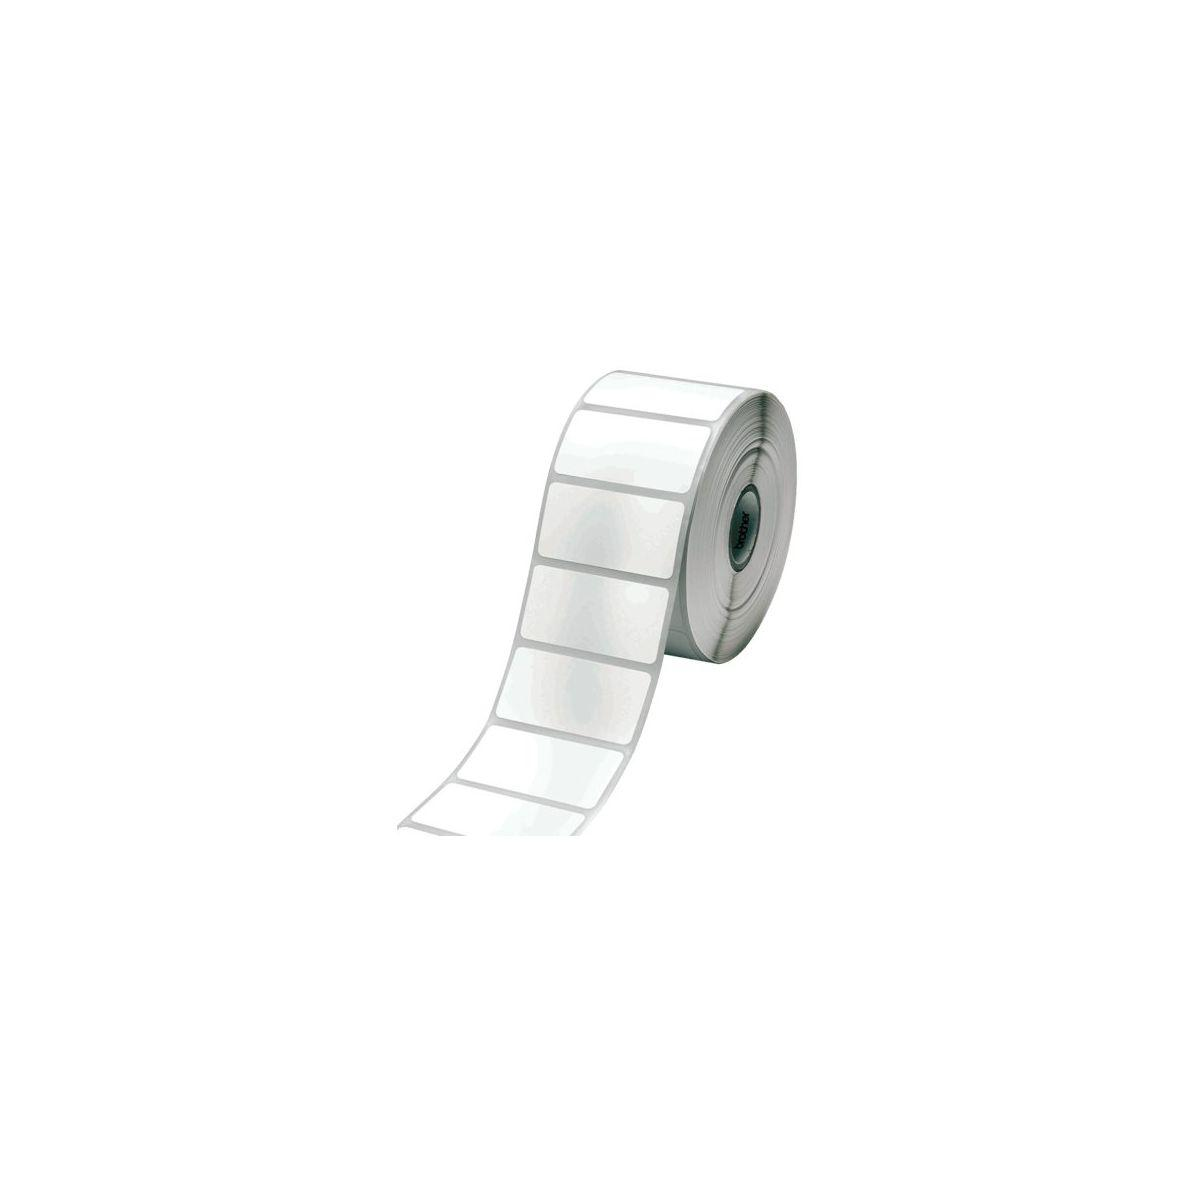 Etiquette brother ruban pr�-d�coup� 50.8x25.4mm - 2% de remise imm�diate avec le code : deal2 (photo)